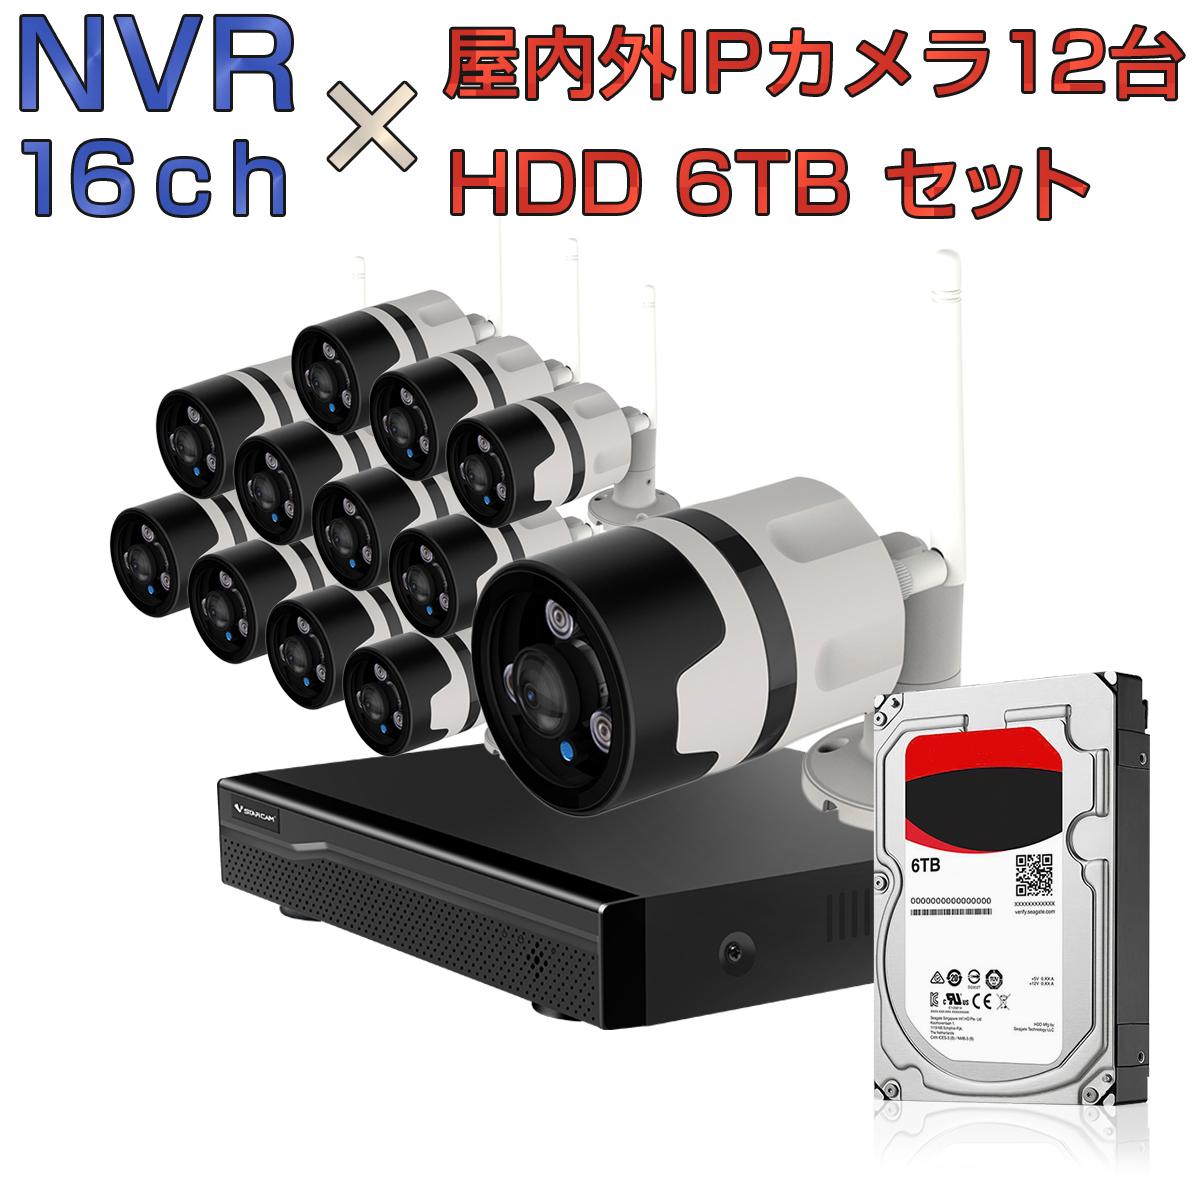 NVR ネットワークビデオレコーダー 16ch HDD6TB内蔵 C63S 2K 1080P 200万画素カメラ 12台セット IP ONVIF形式 スマホ対応 遠隔監視 1080P FHD 動体検知 同時出力 録音対応 H.265+ IPカメラレコーダー監視システム 宅配便送料無料 1年保証